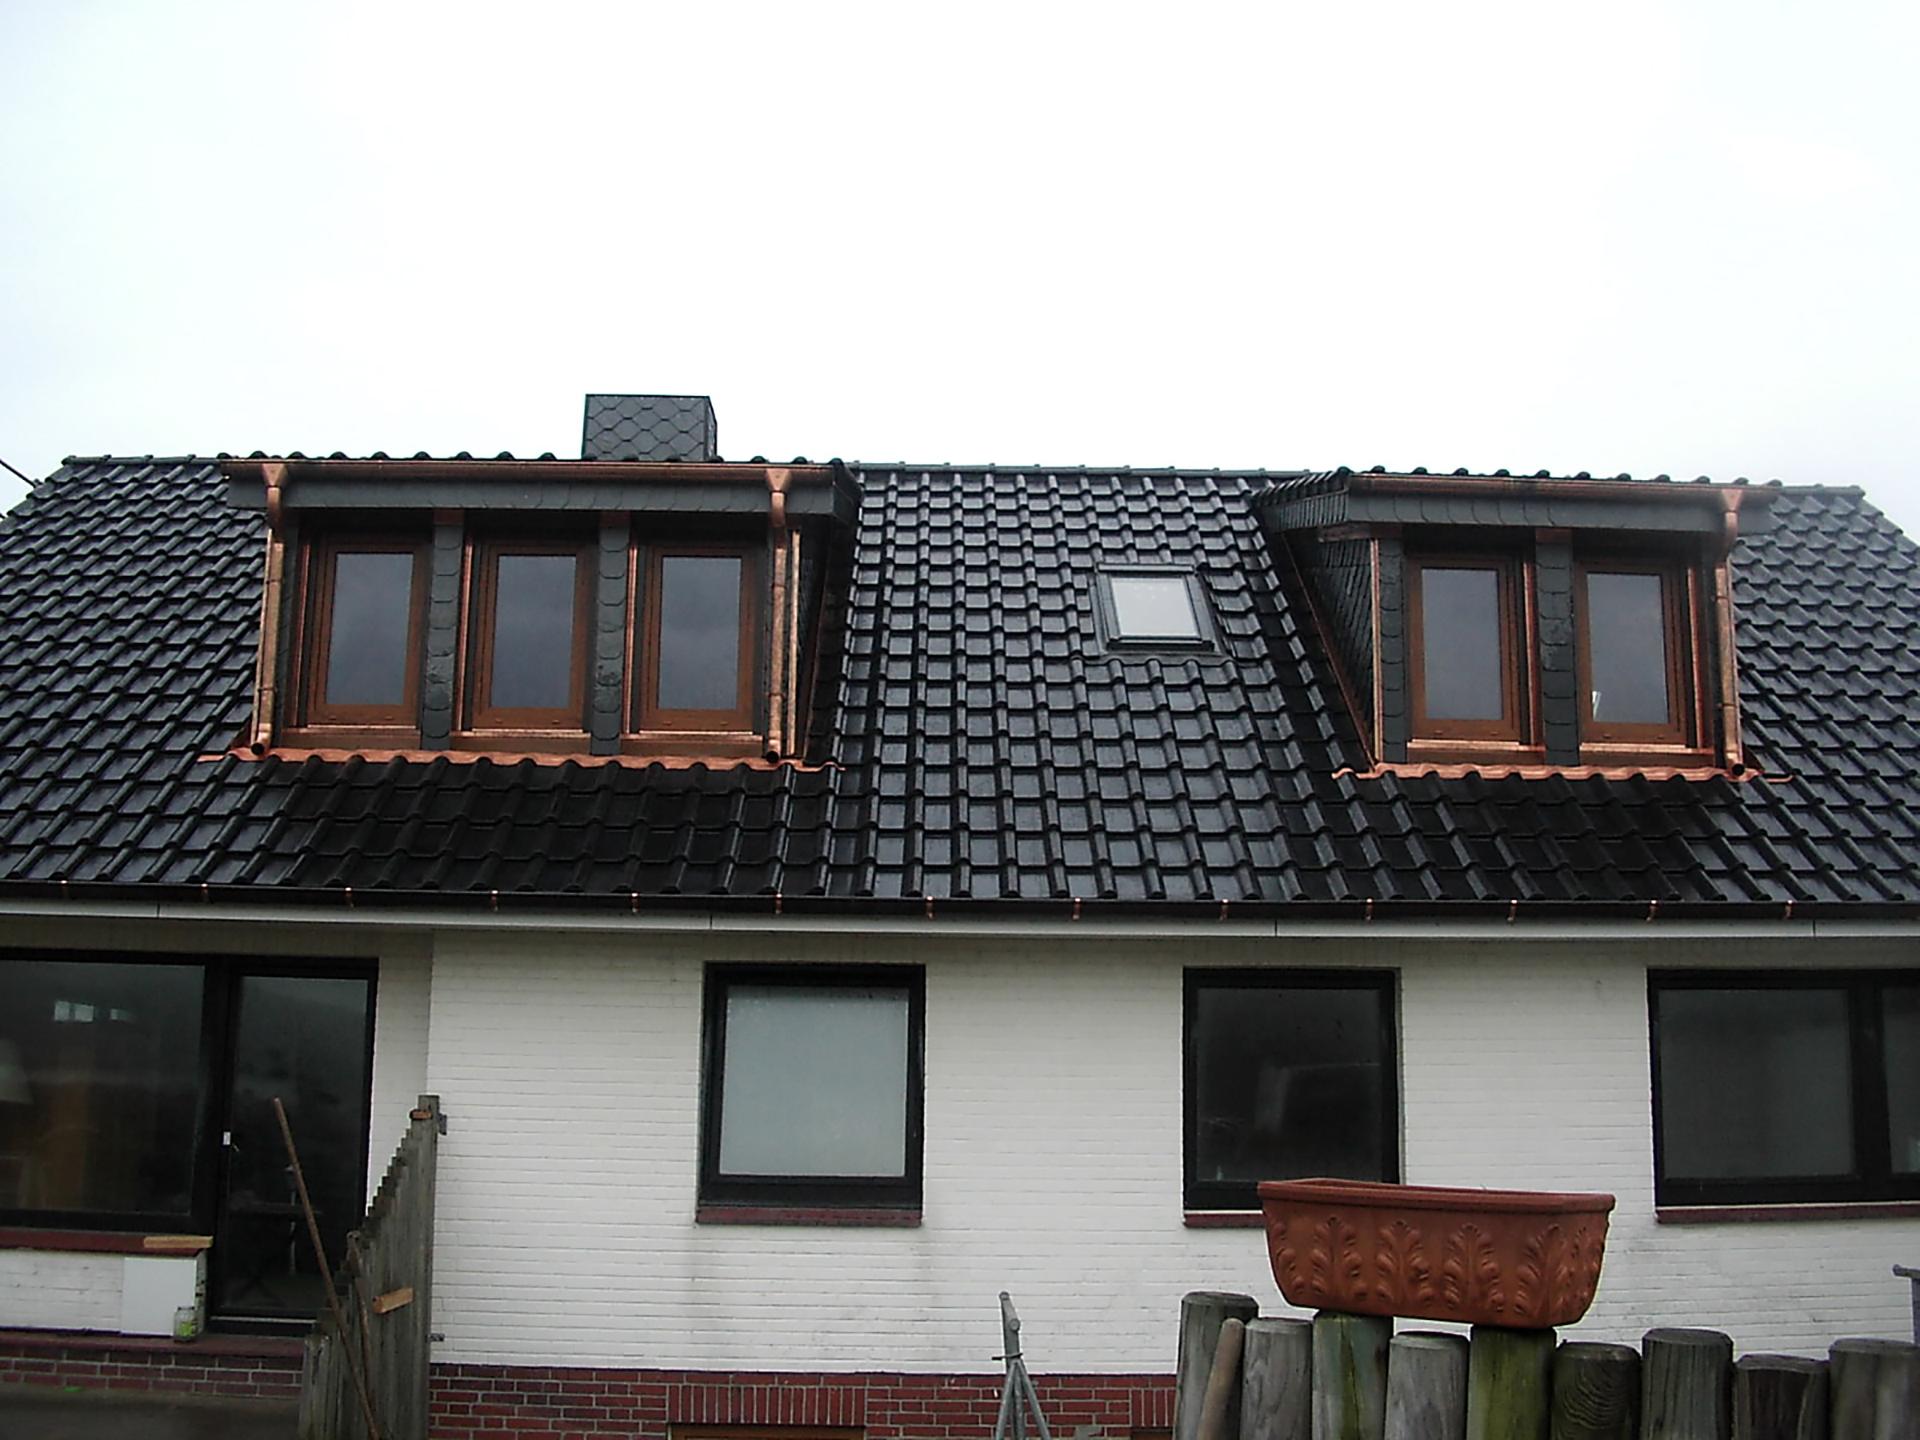 was kostet eine dachgaube interesting ein typisches fr das mgliche beschrieben und kalkuliert. Black Bedroom Furniture Sets. Home Design Ideas